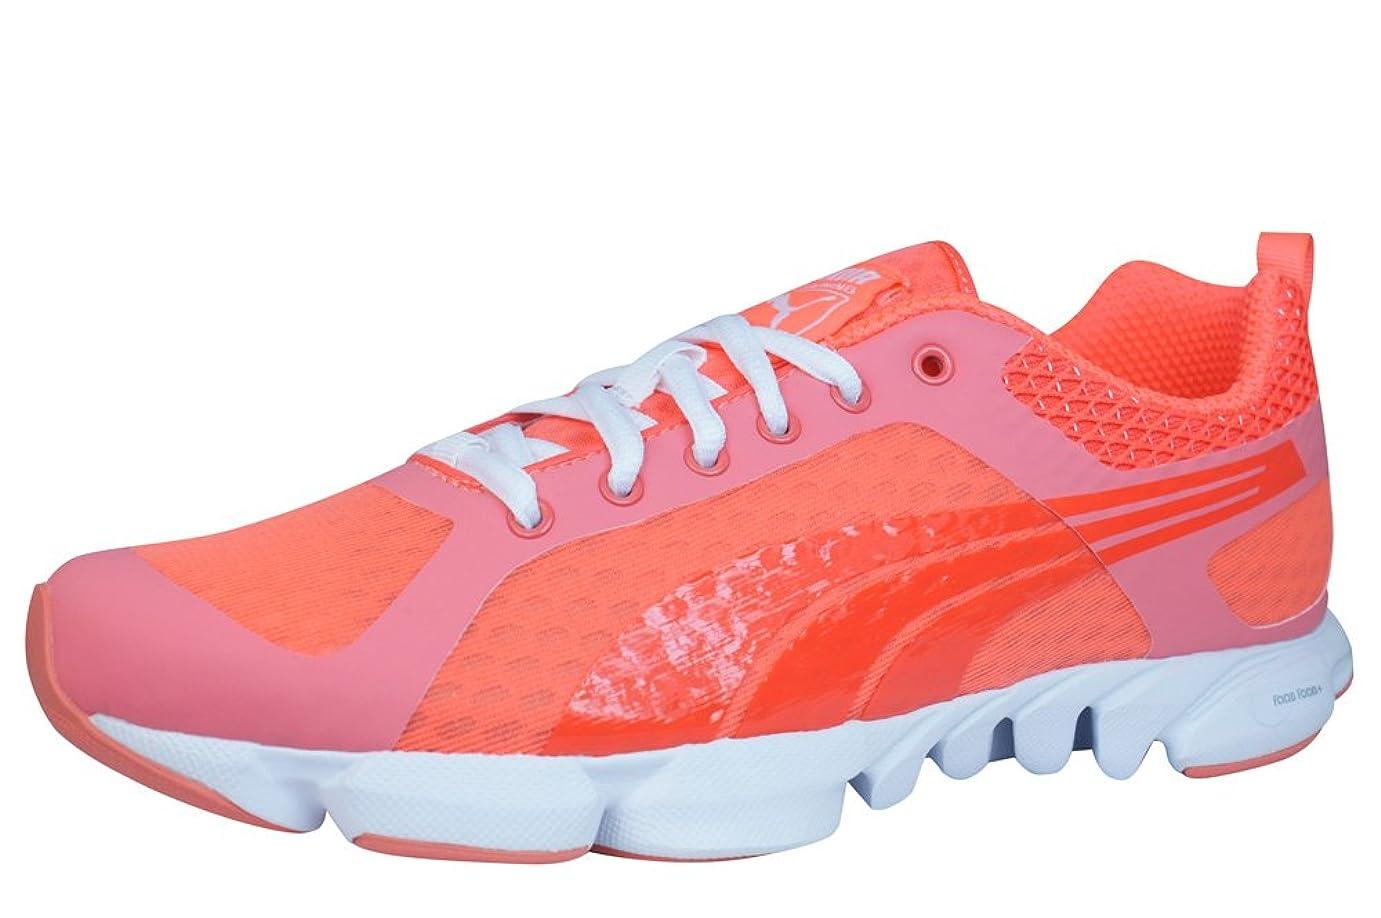 変形座標突撃[プーマ] Formlite XT Ultra Womens Running Sneakers/Shoes - Peach [並行輸入品]